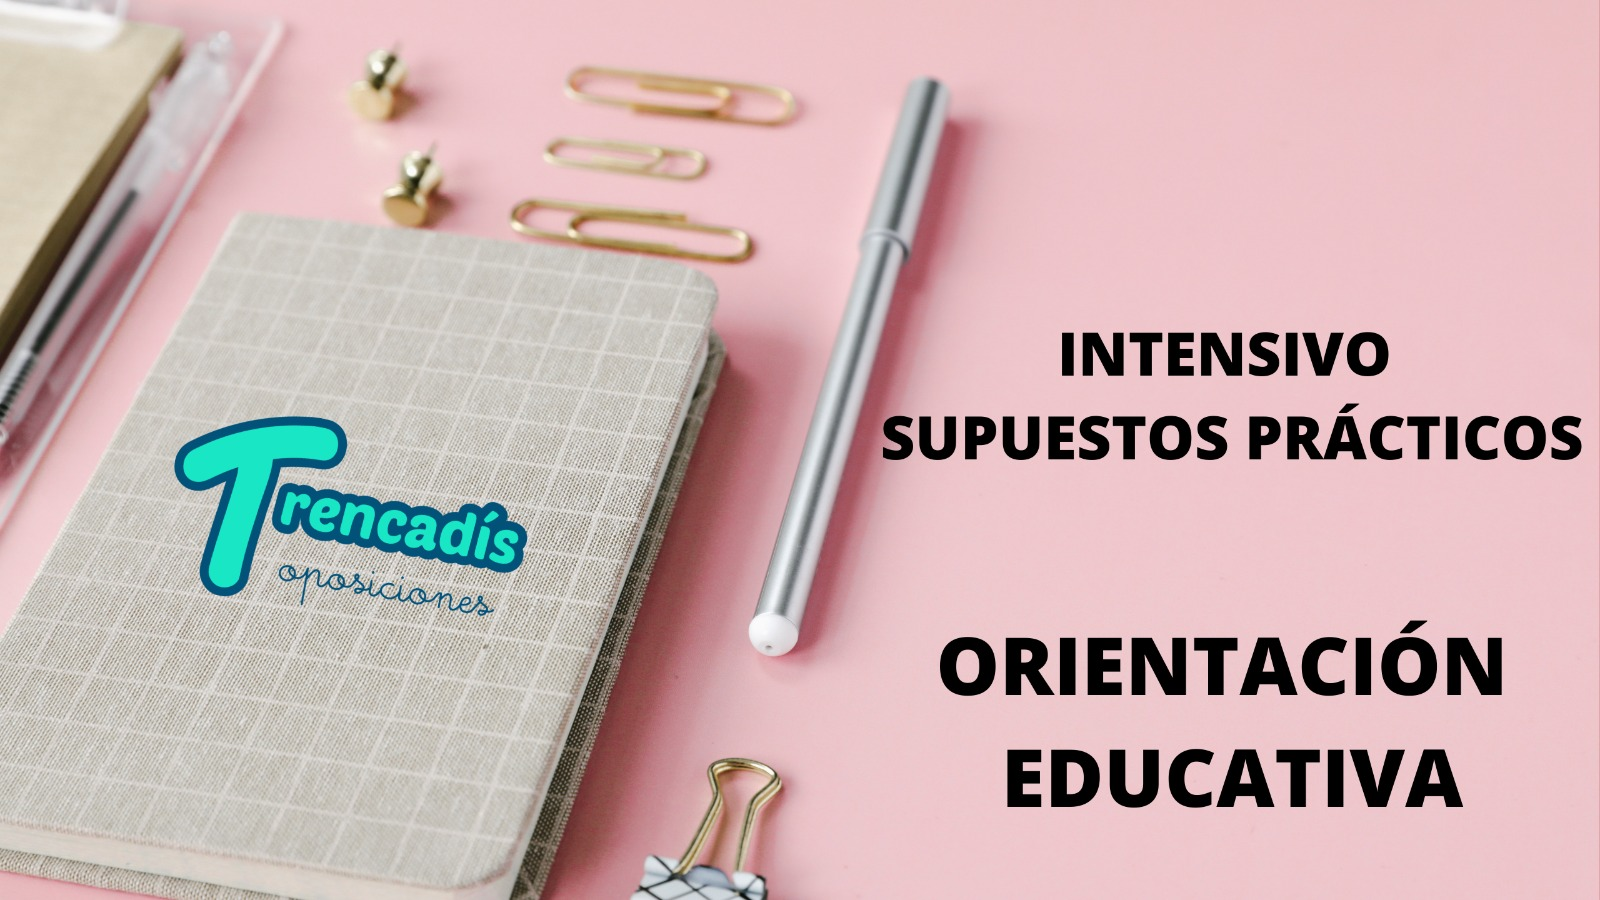 Curso Intensivo de supuestos prácticos en la epecialidad de Orientación Educativa